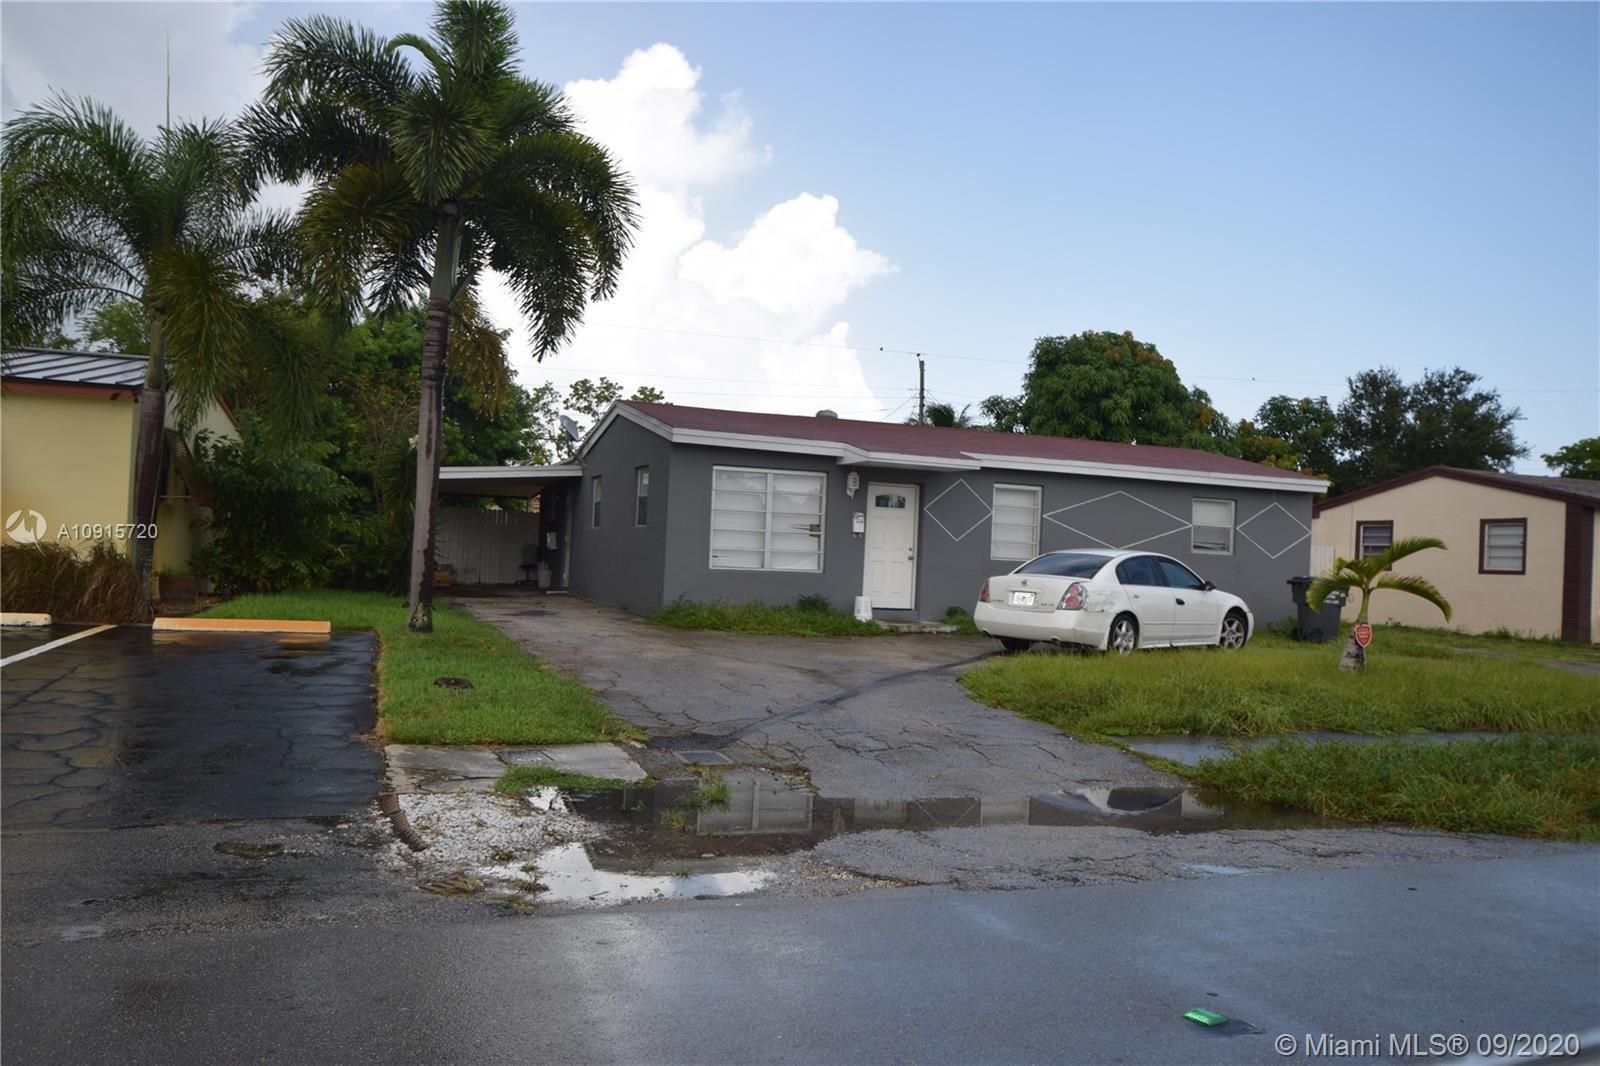 1631 N 68th Ave, Hollywood, FL 33024 - #: A10915720